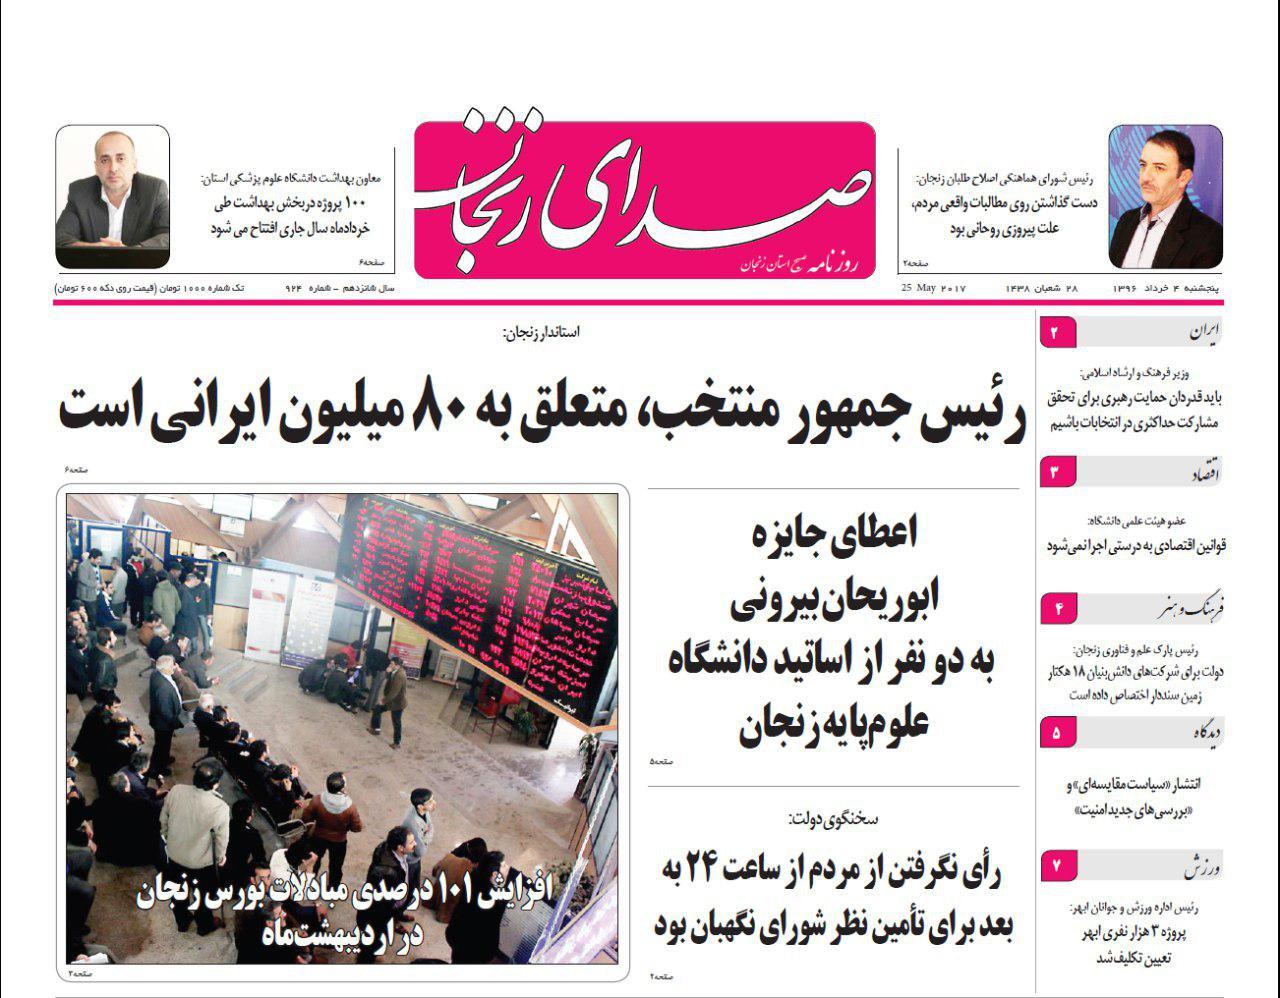 صفحه نخست روزنامه های استان زنجان پنج شنبه 4خرداد ماه